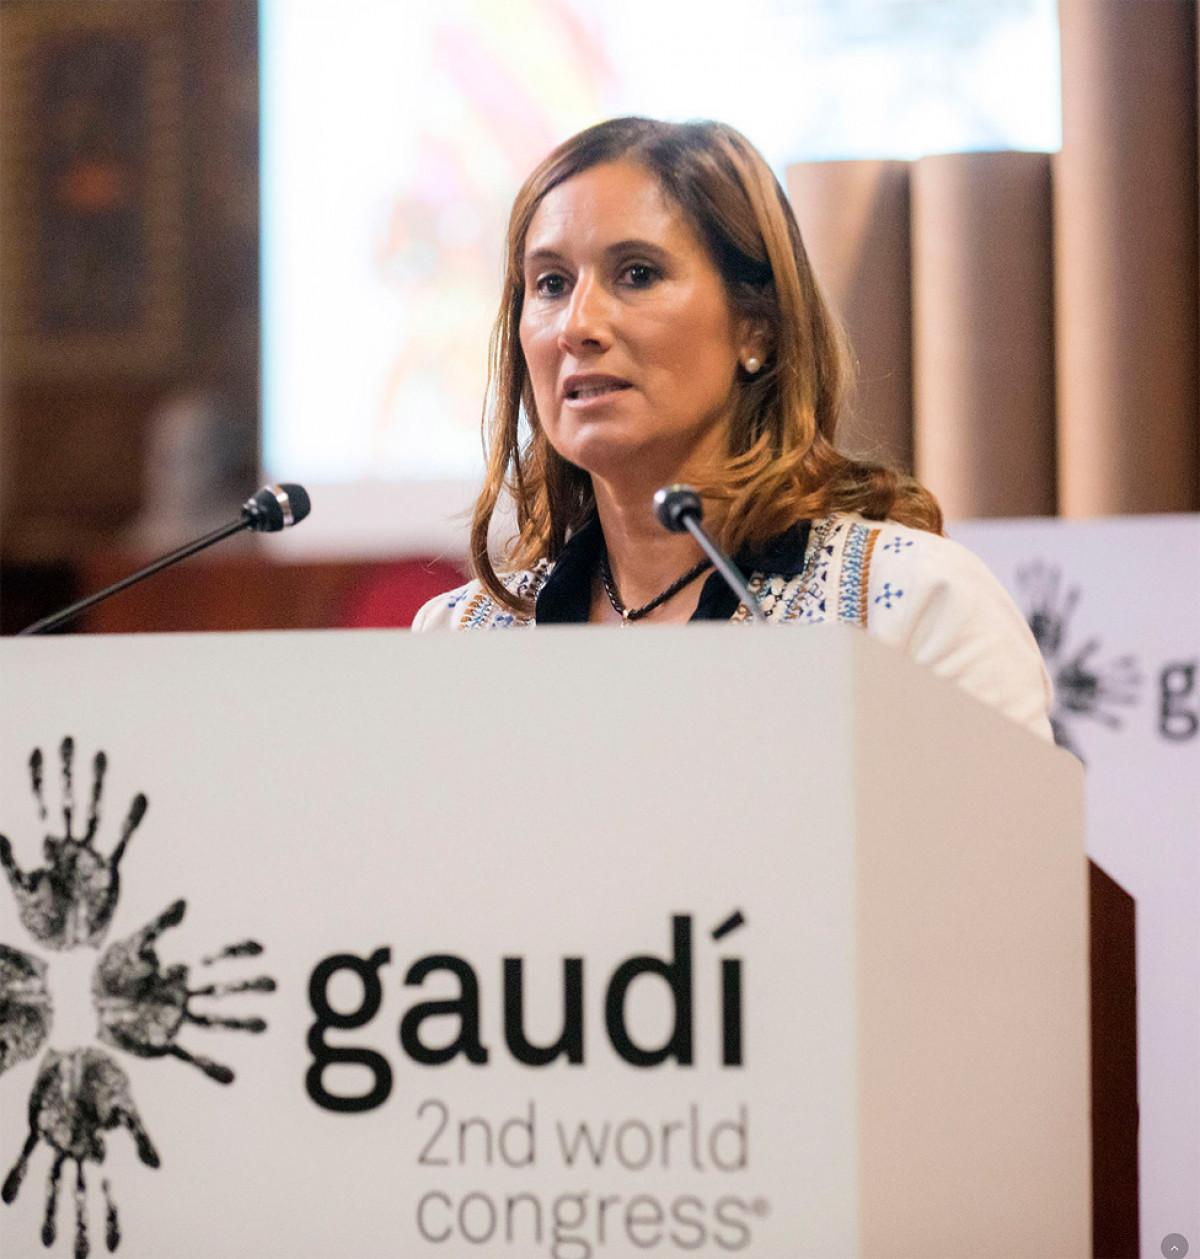 Gaudi World Congress16. Maria Grau Vidal. Abogada y Grafopsicologa